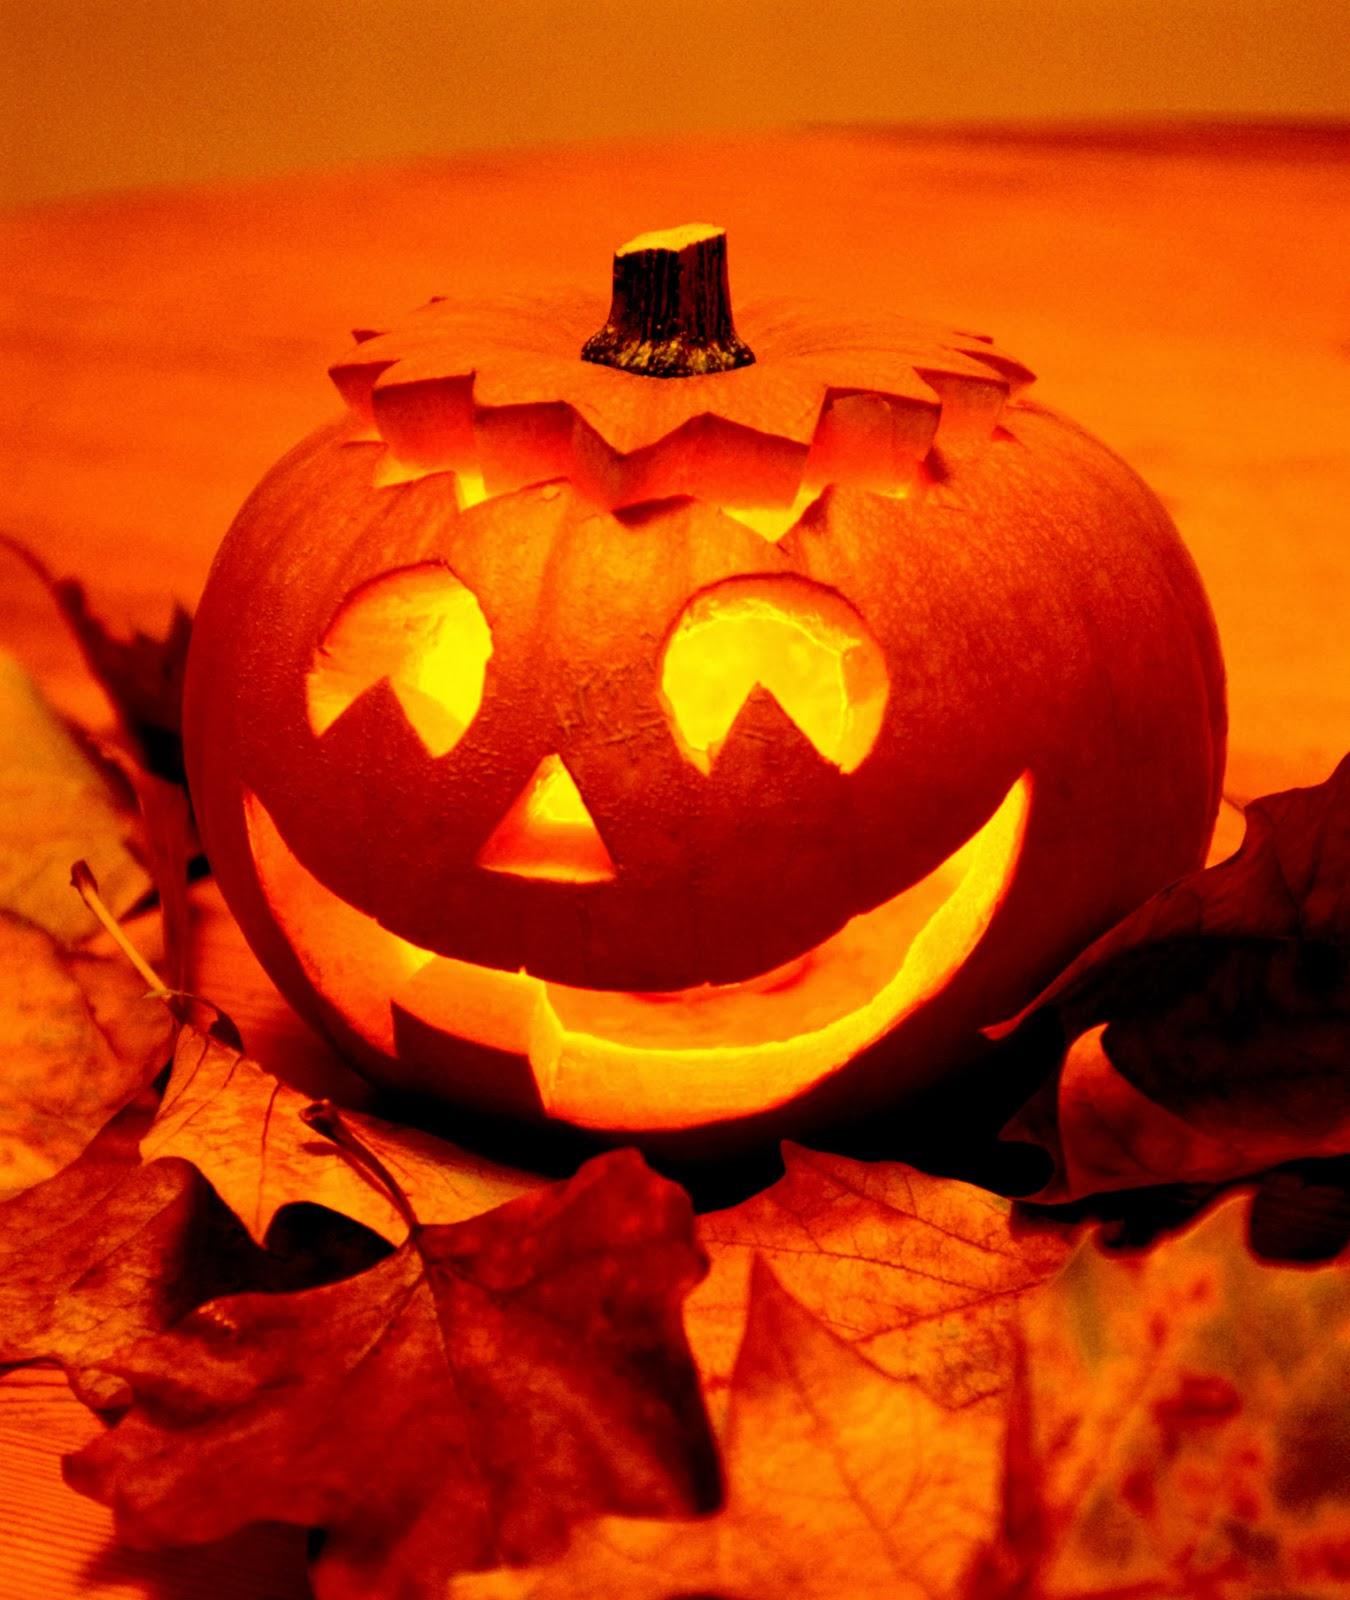 Foto divertenti zucche di halloween for Immagini zucche halloween